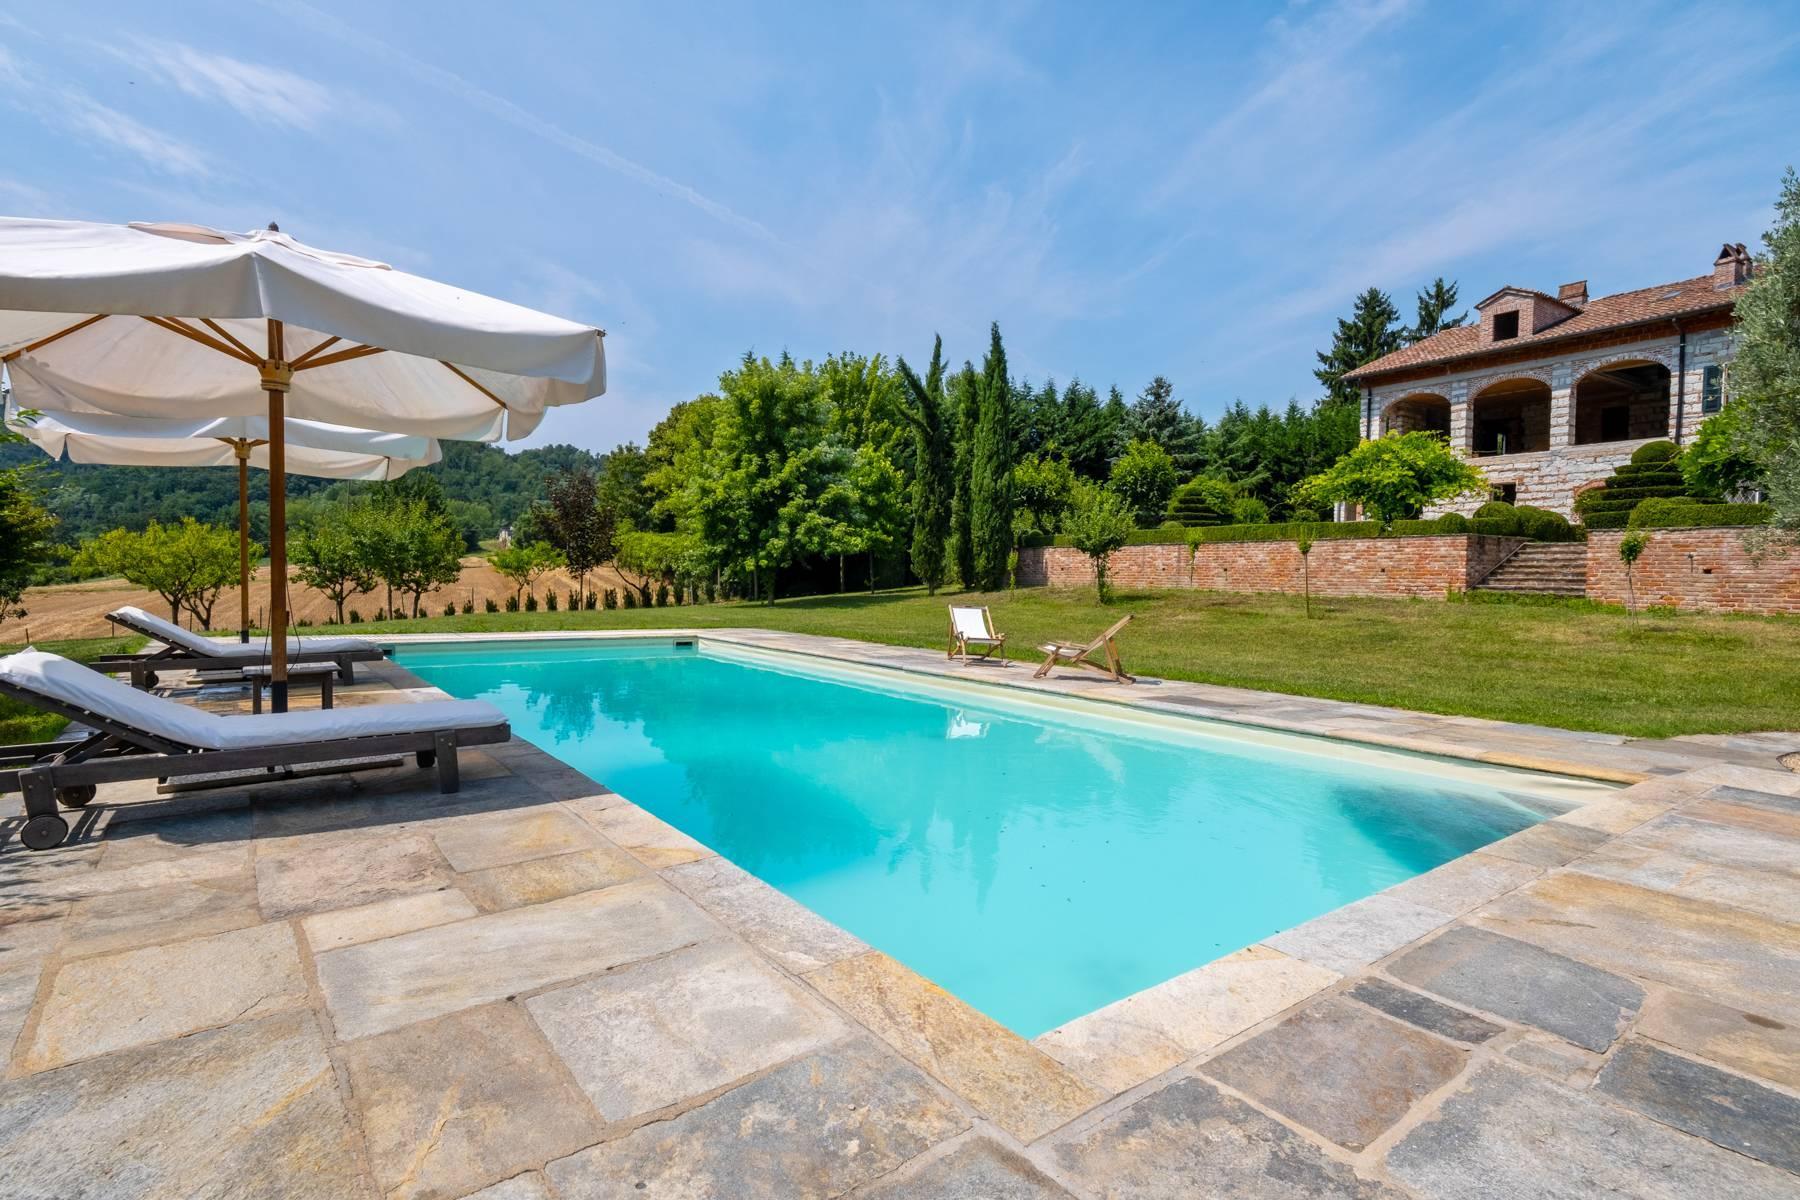 Affascinante casale con piscina nel verde delle colline del Monferrato - 11